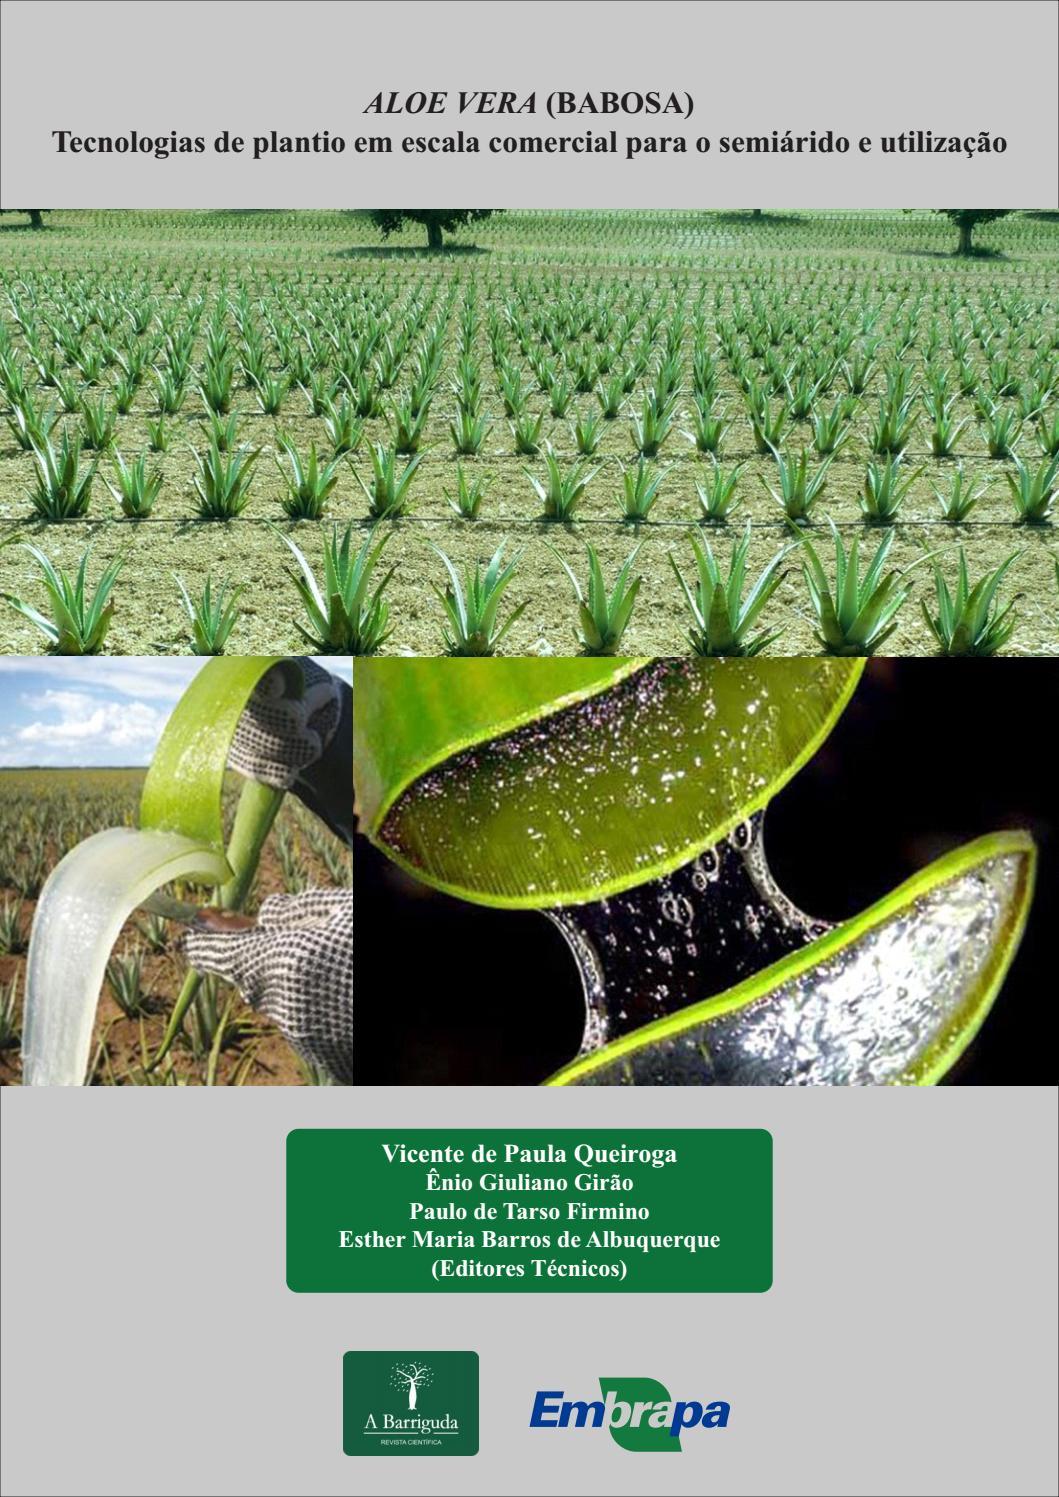 Aloe vera (Babosa)  Tecnologias de plantio em escala comercial para o  semiárido e utilização by abarriguda - issuu f9d045b6c47